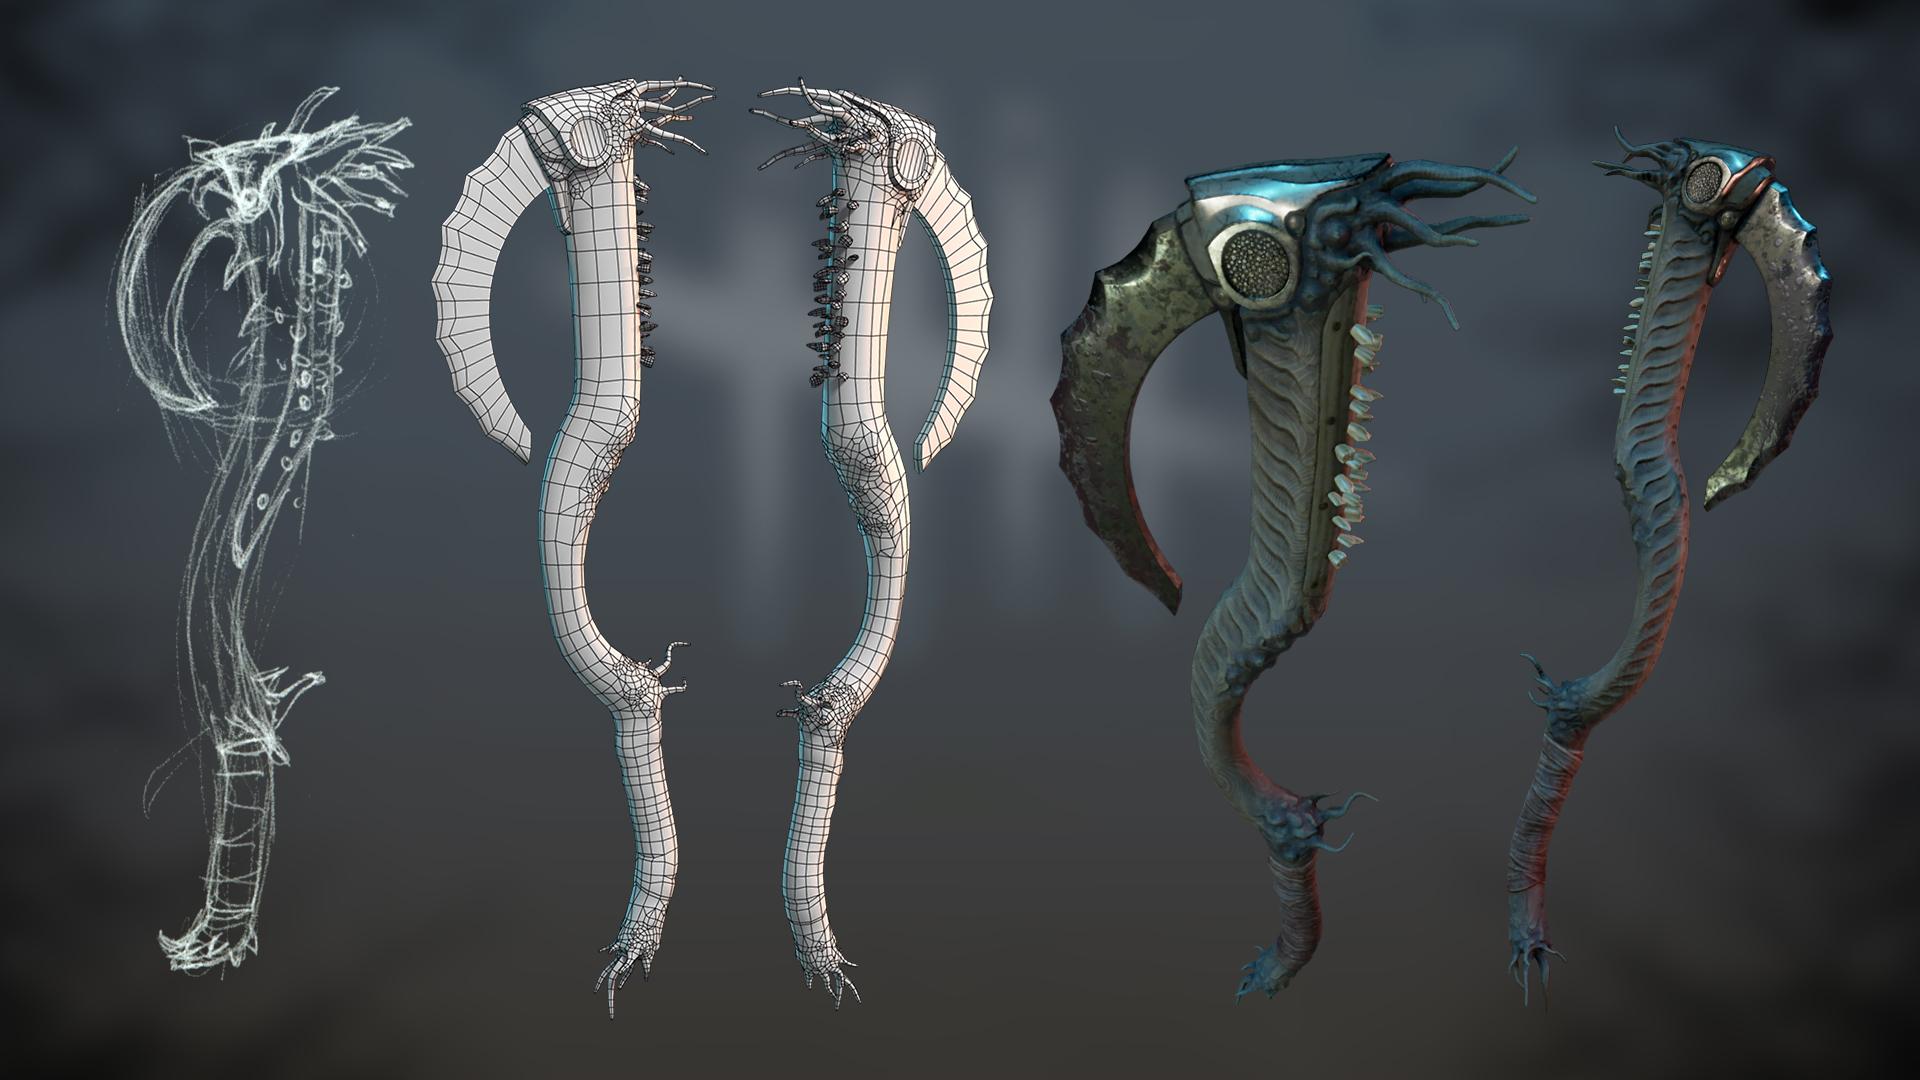 Fanart Wraith weapon. by dshpilevoy